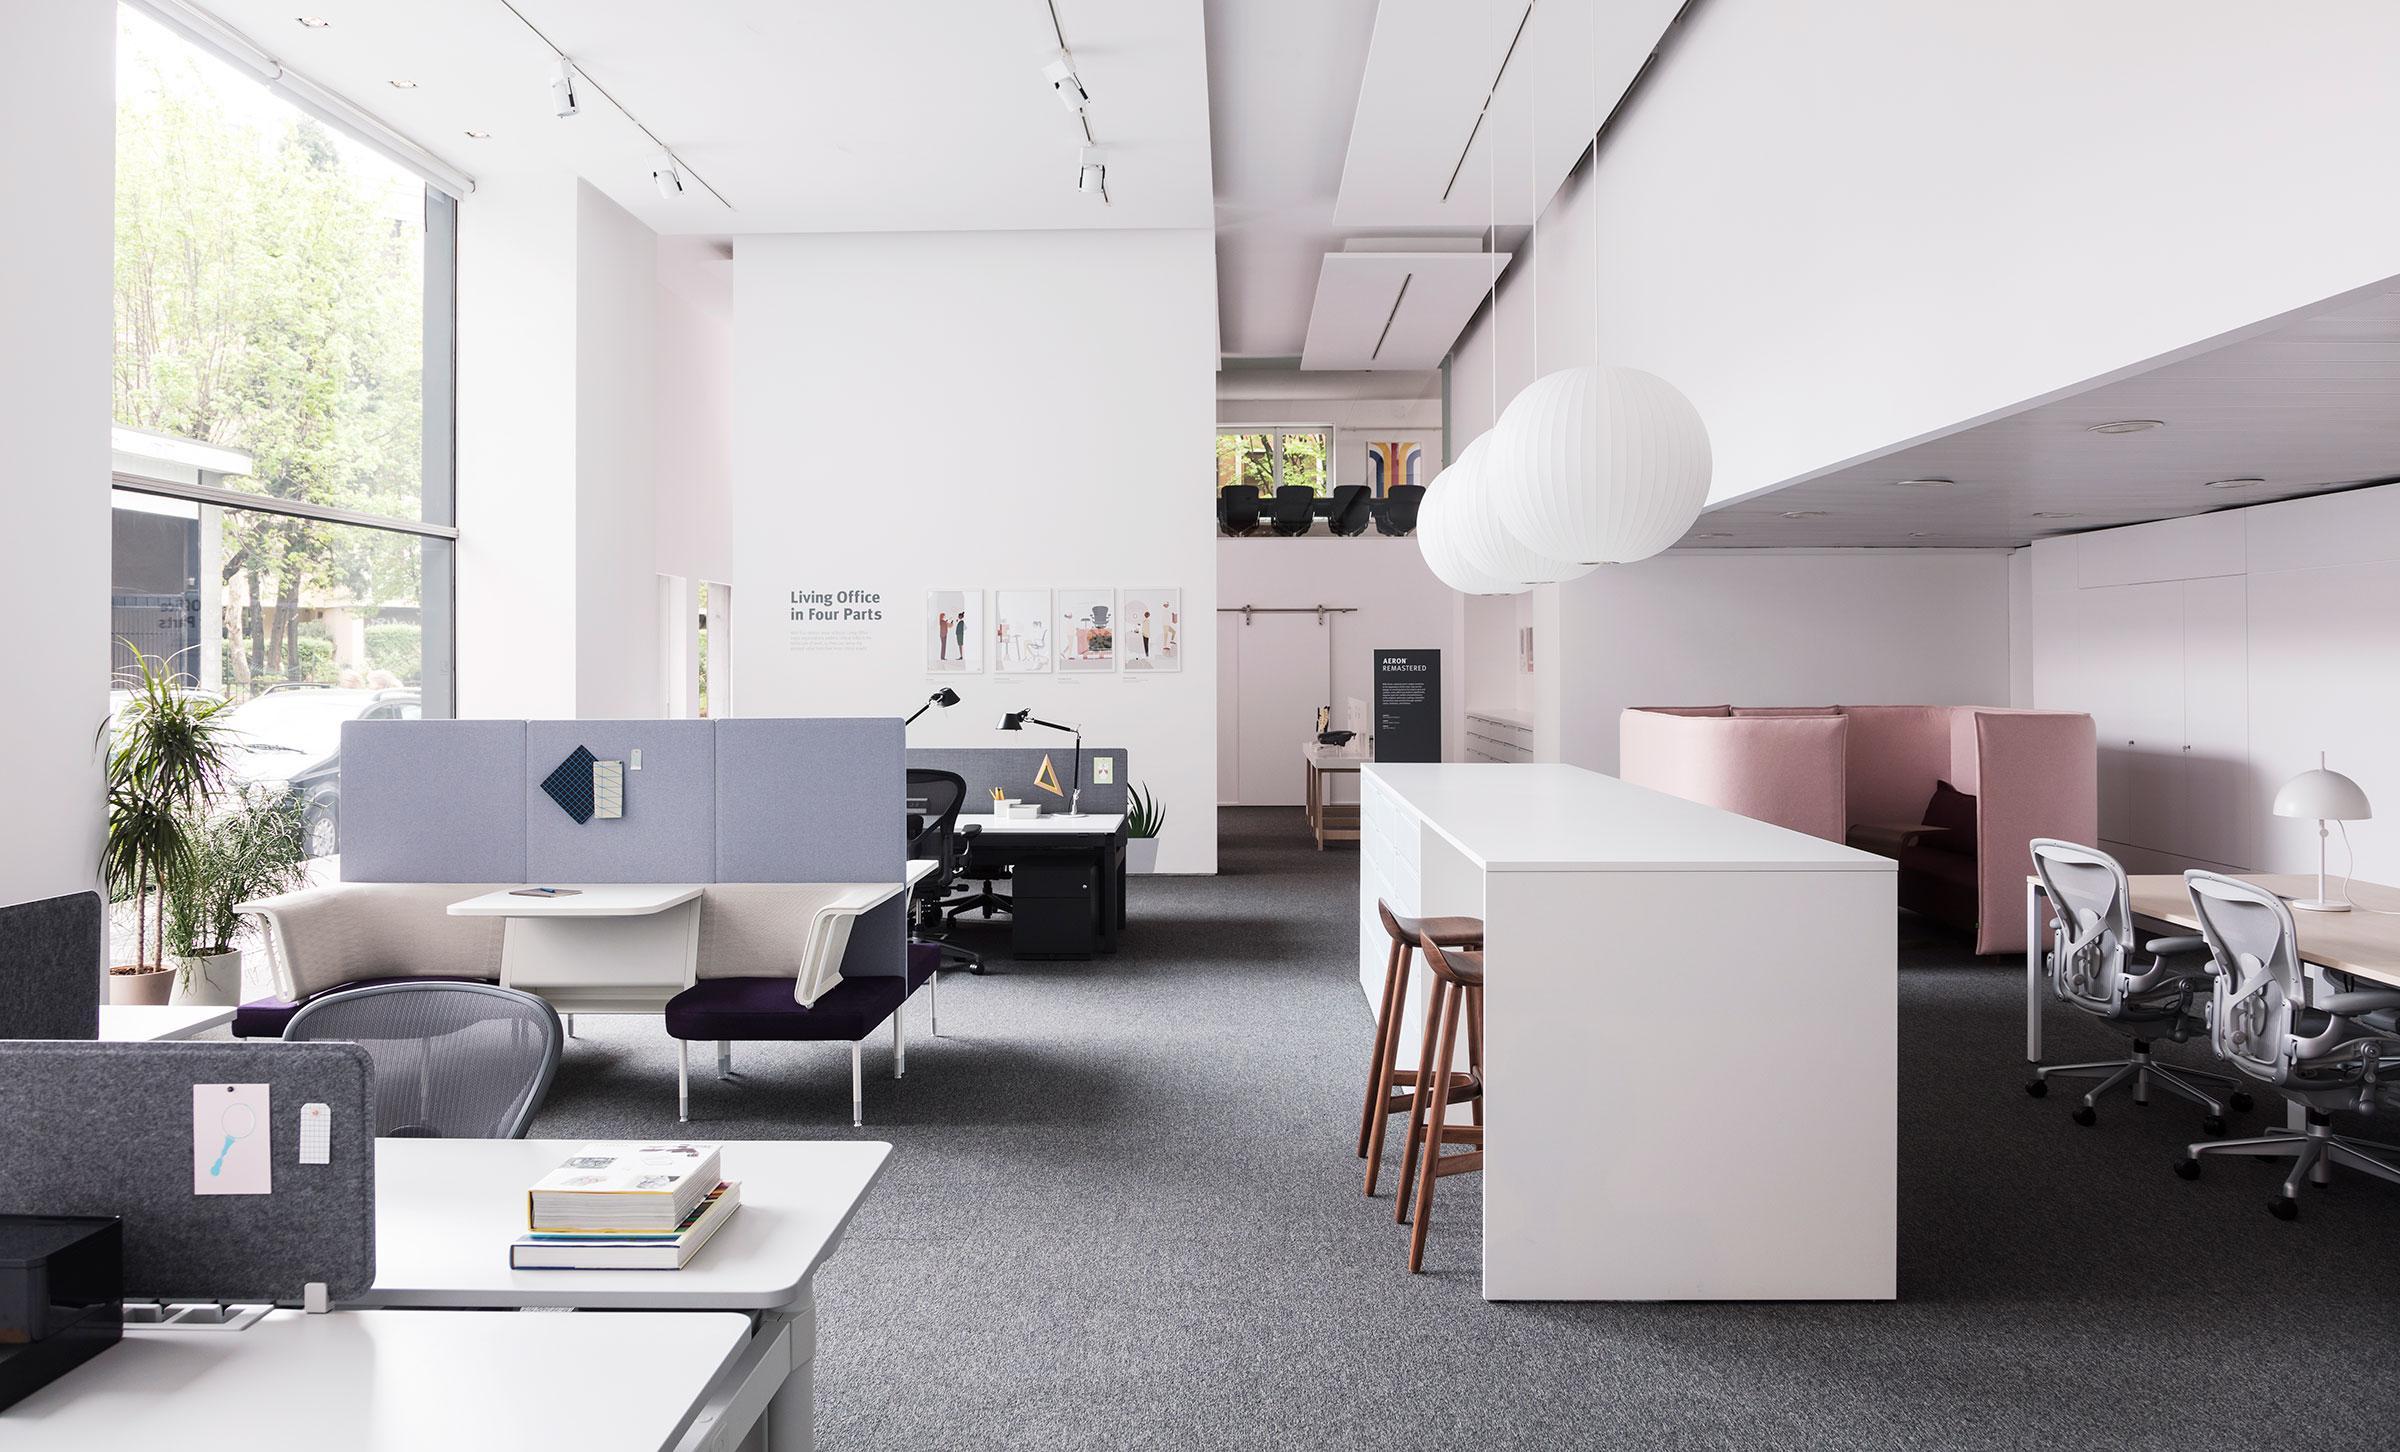 Tulevaisuuden toimisto